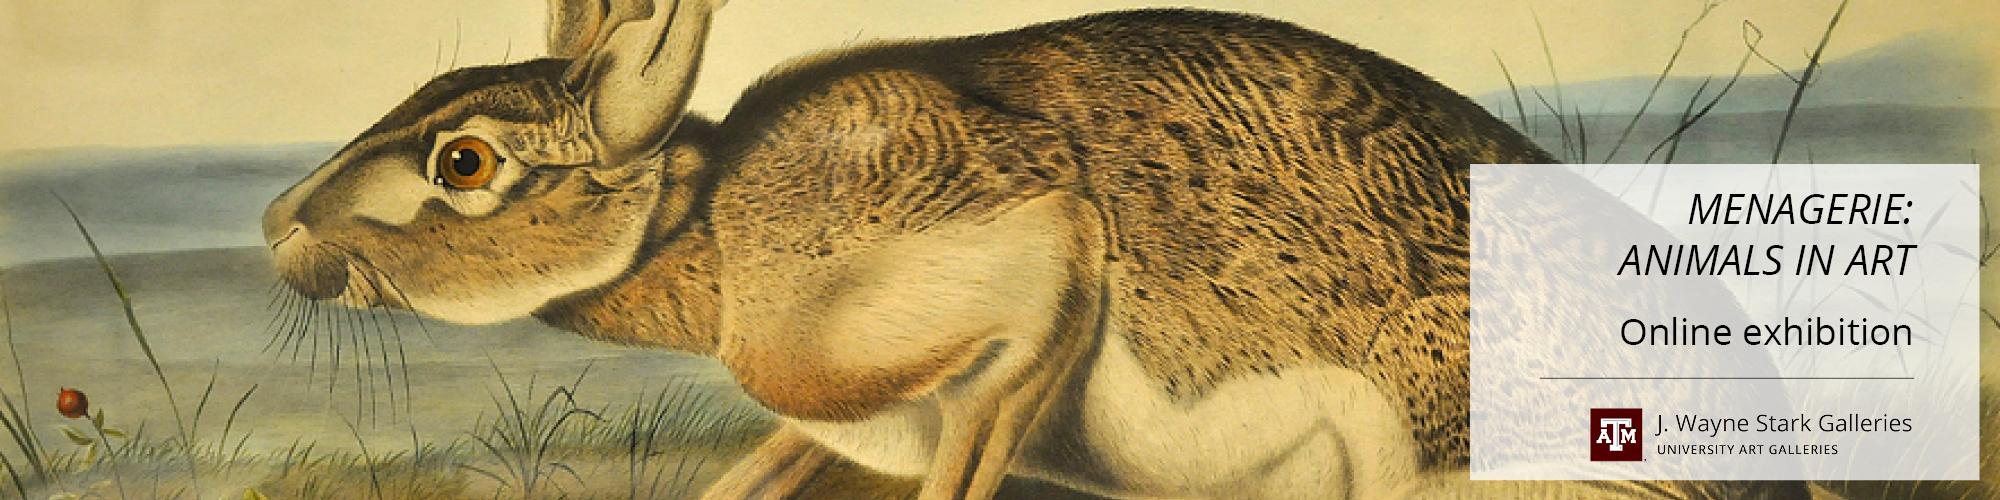 Audobon print of a wild jackrabbit